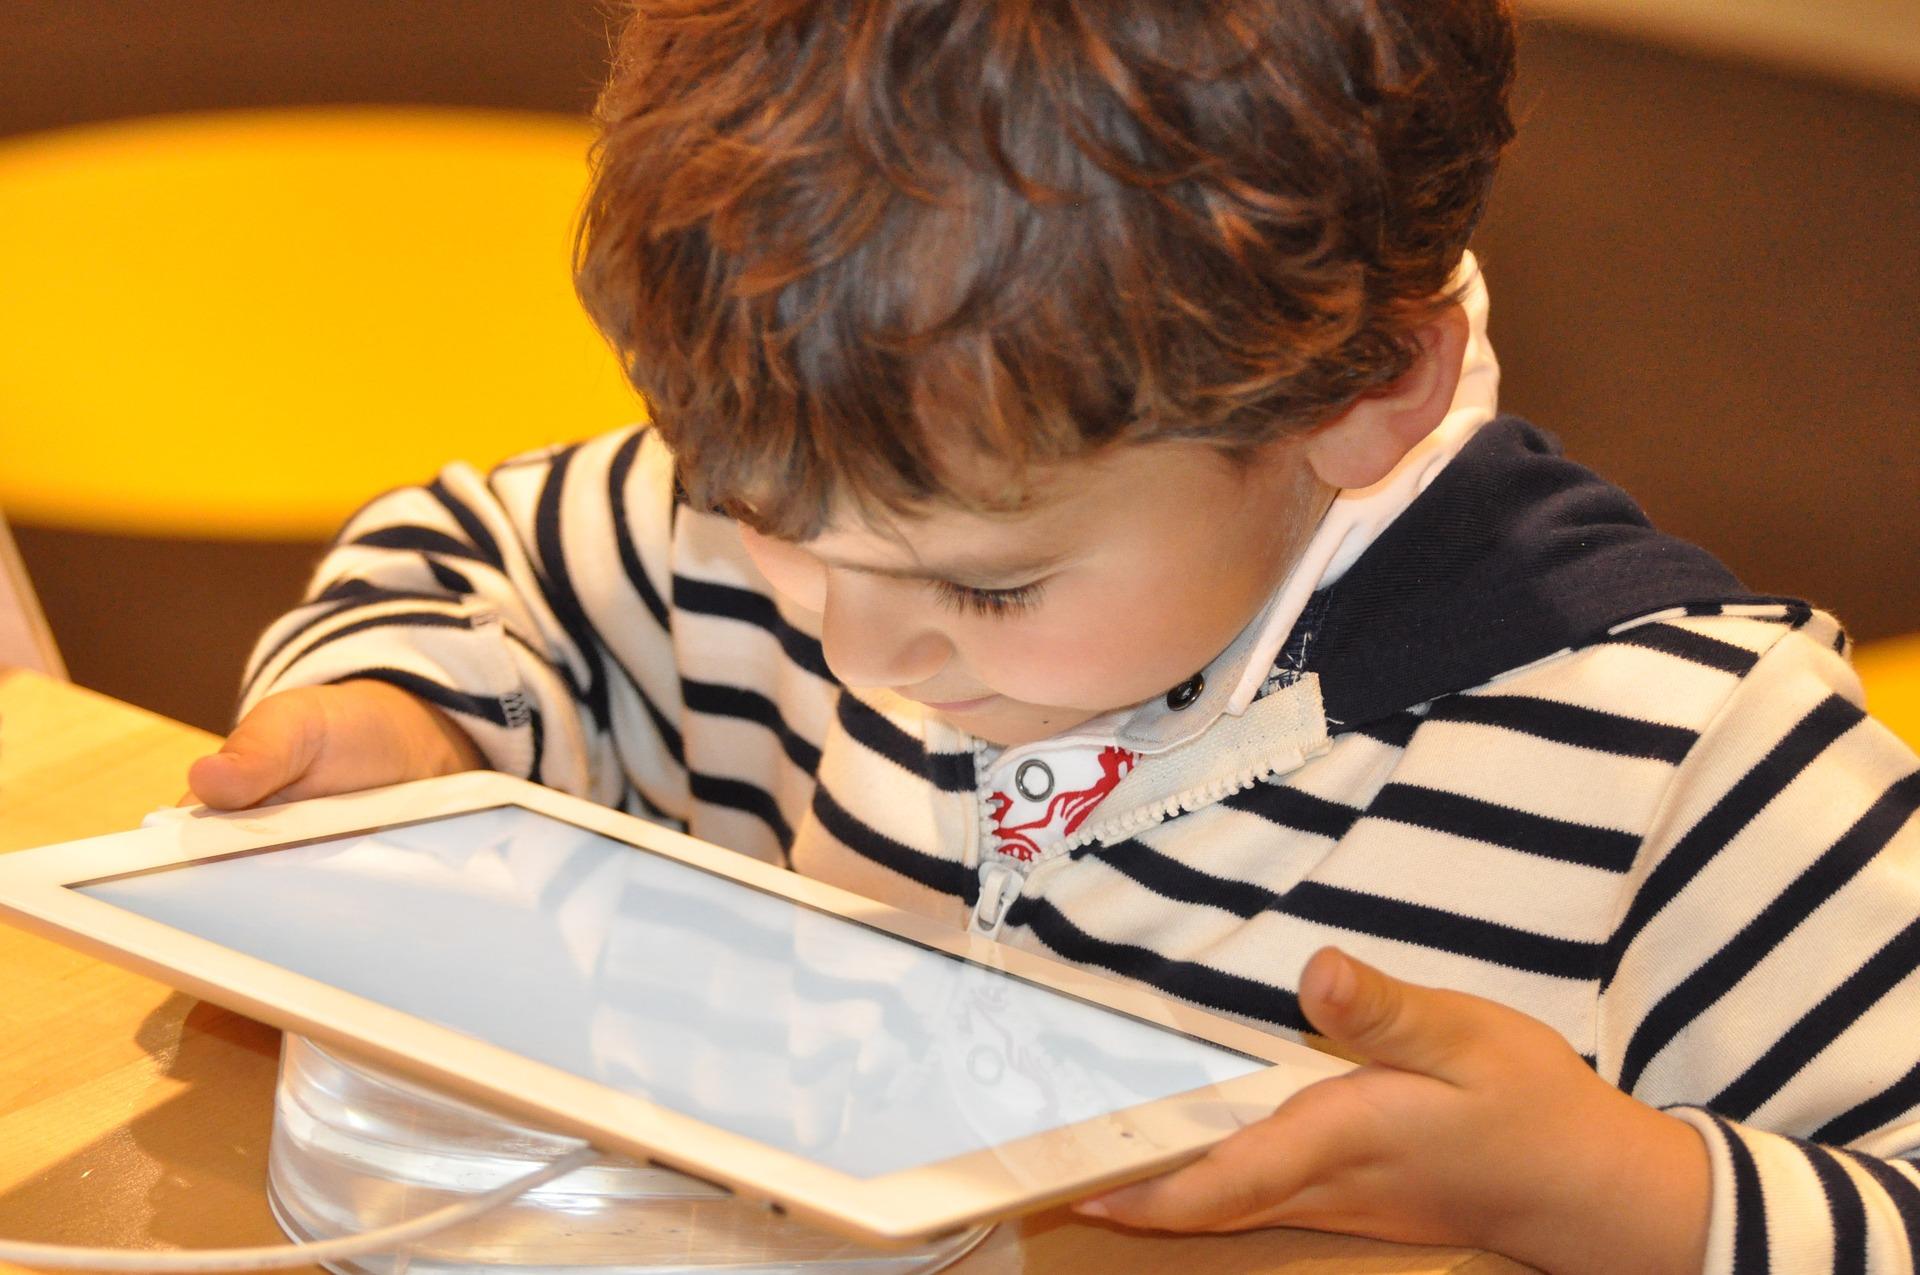 child-1183465_1920.jpg